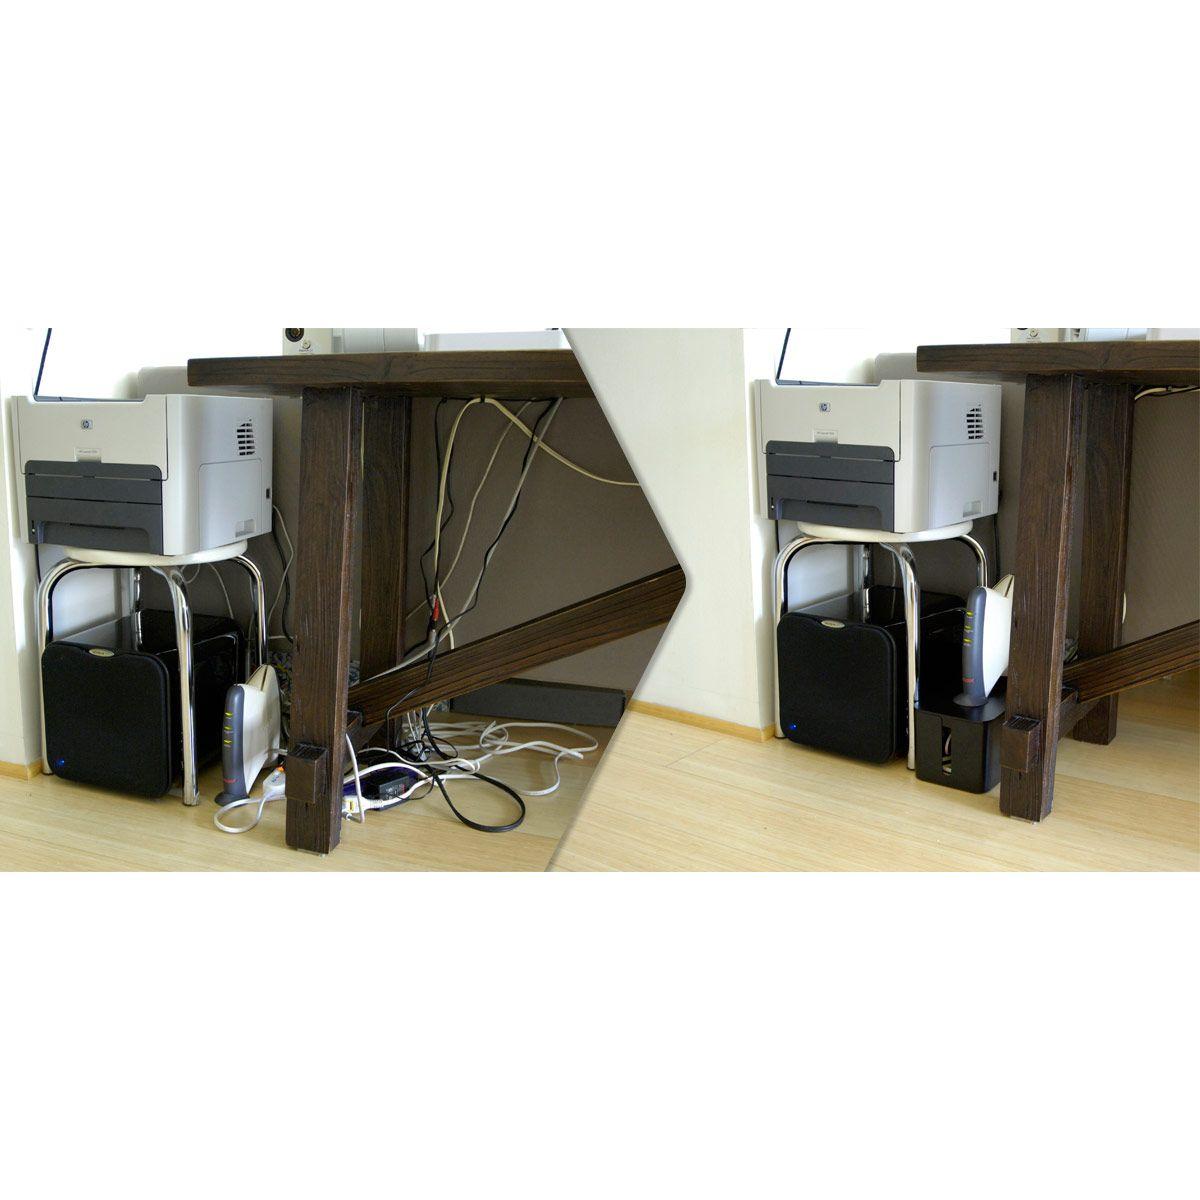 Cache câble bluelounge cablebox noir - livraison offerte : code liv (photo)